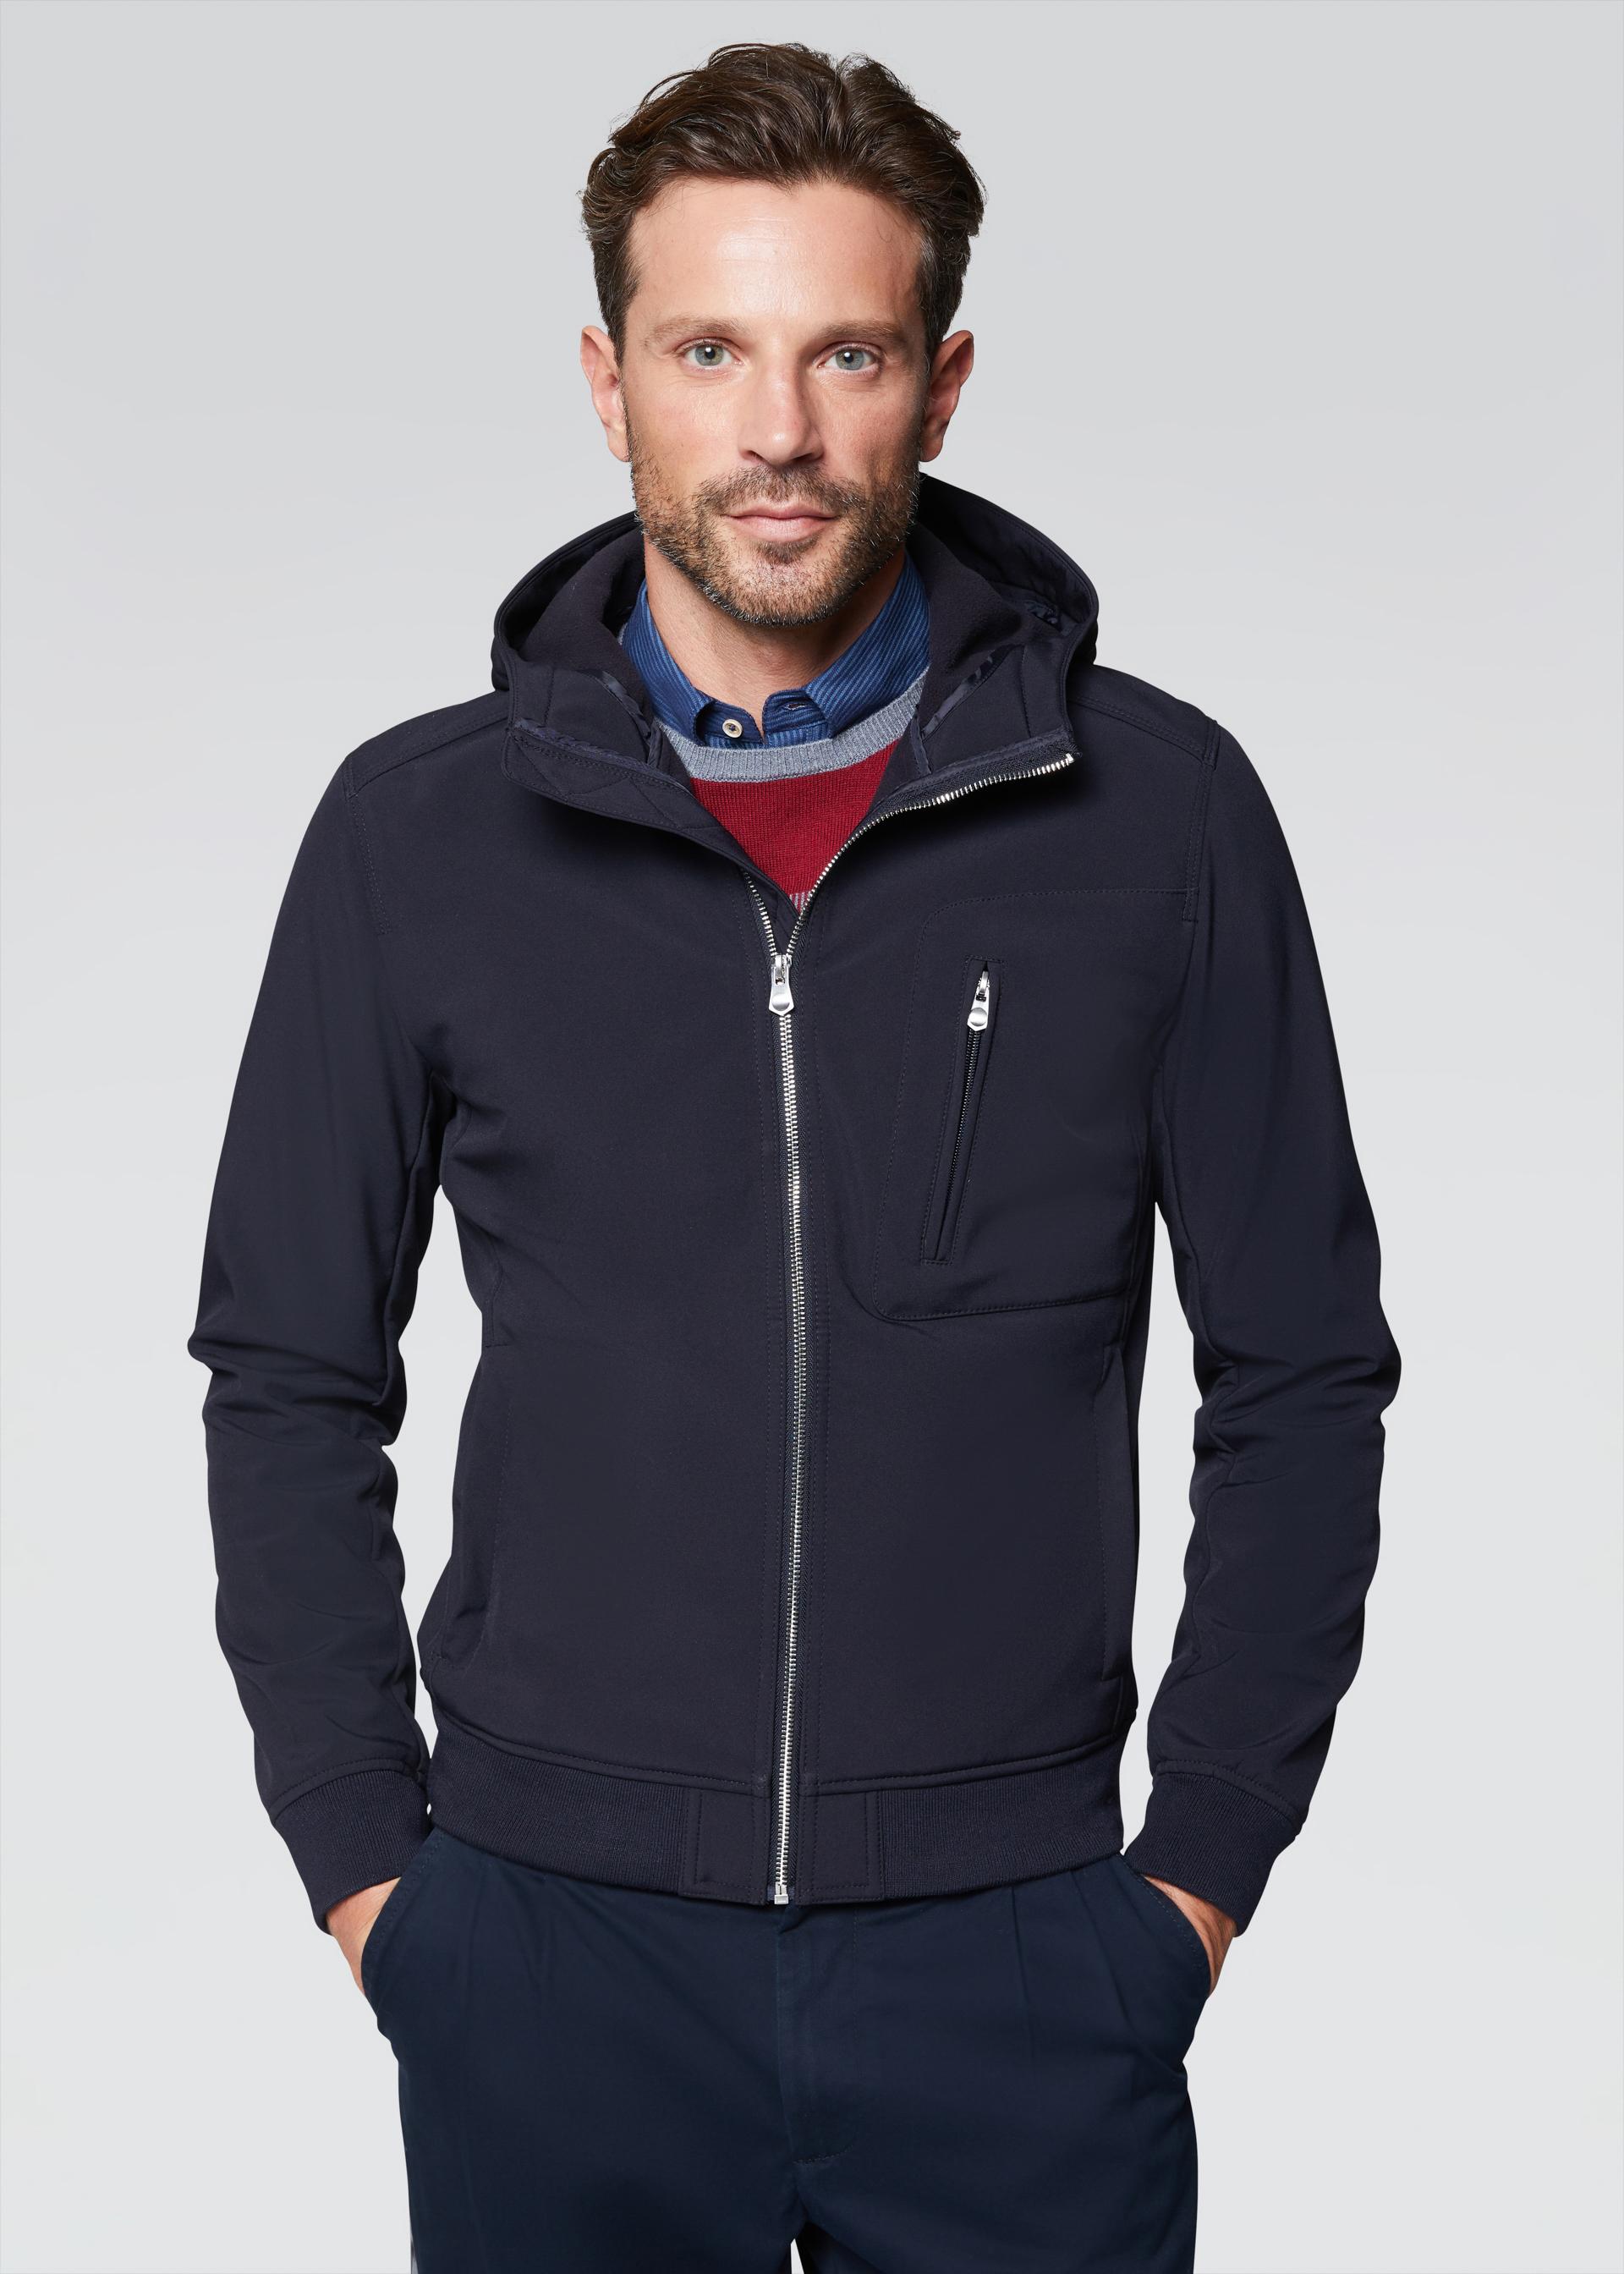 conbipel giacche da uomo